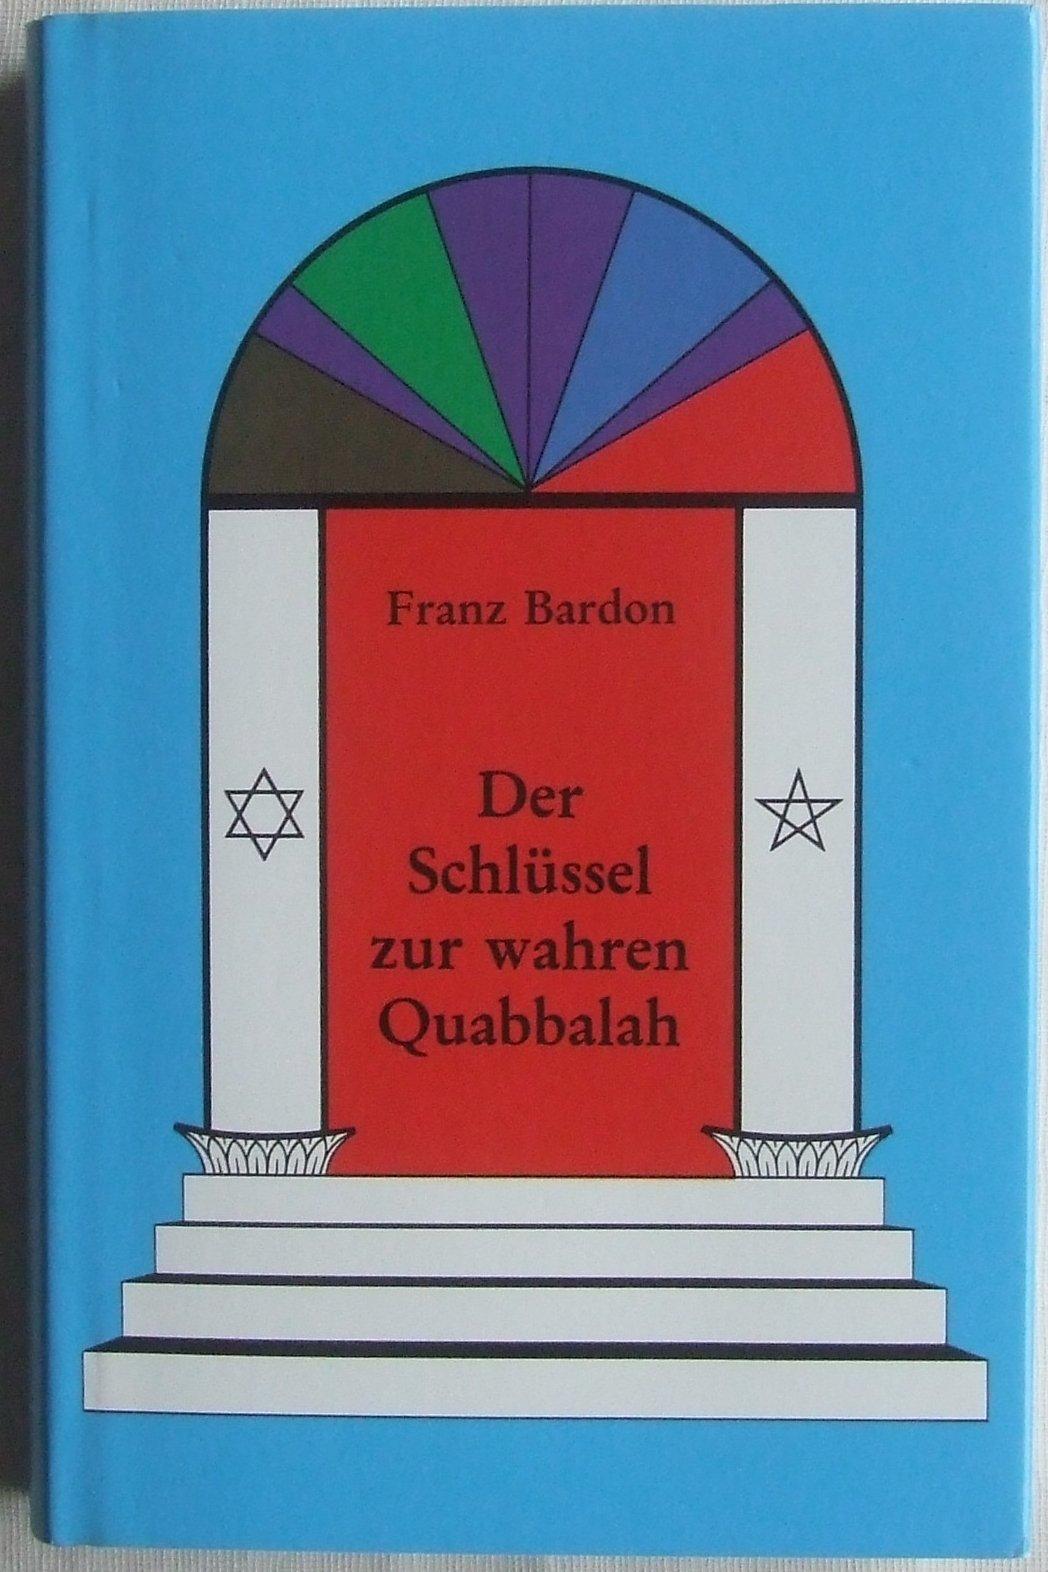 Der Schlüssel zur wahren Quabbalah Gebundenes Buch – August 1998 Franz Bardon Rüggeberg Dieter Verlag 3921338212